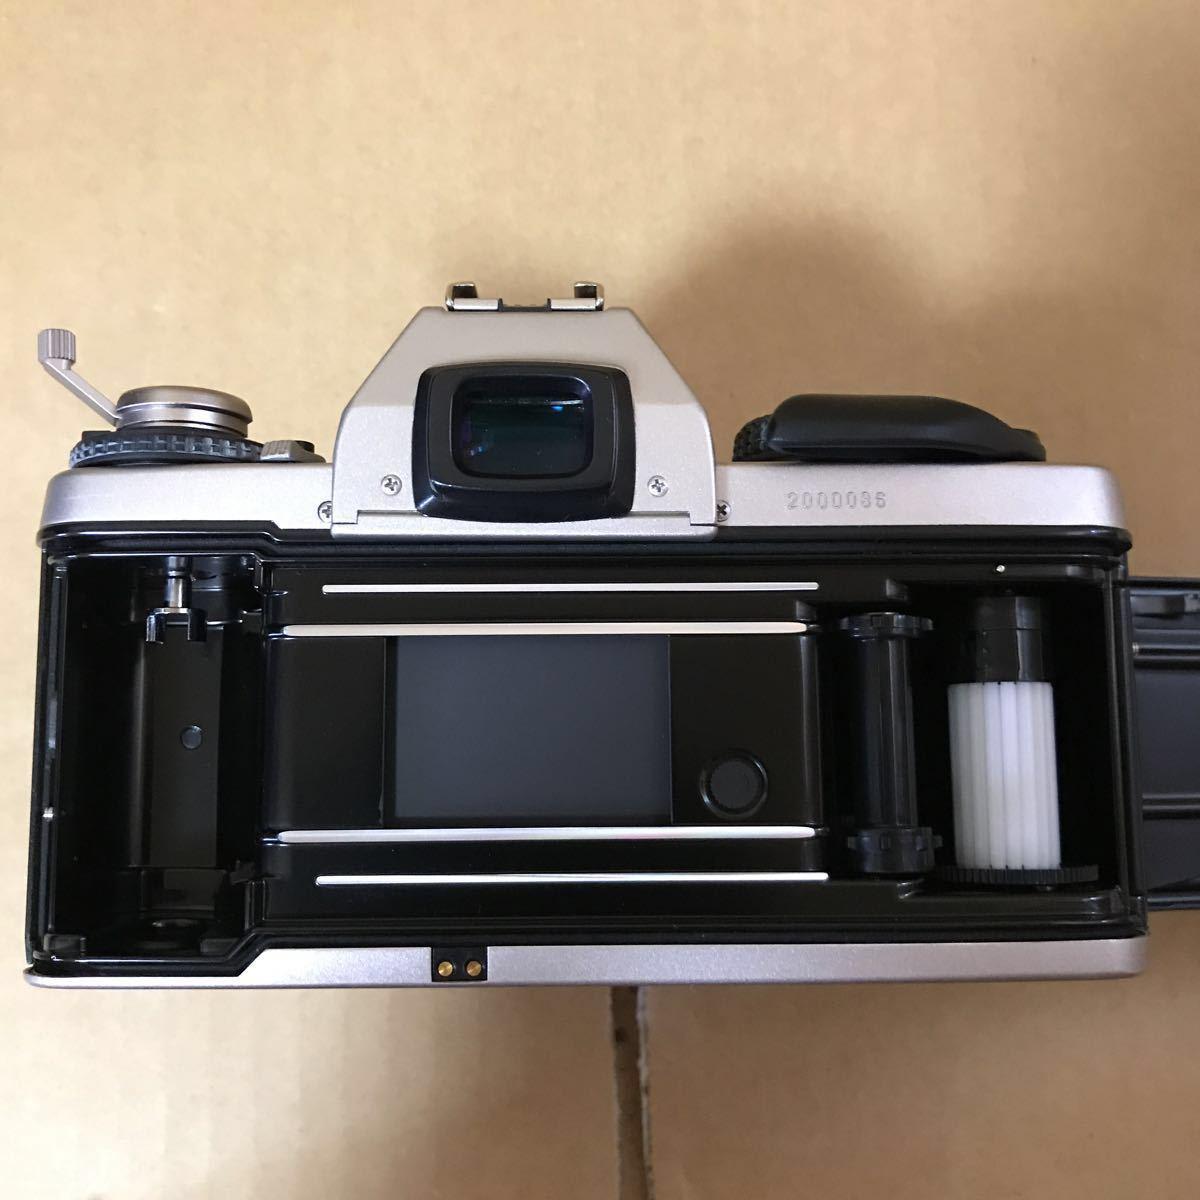 ほぼ未使用品 Pentax LX 2000 FA 43mm F1.9 付き _画像4